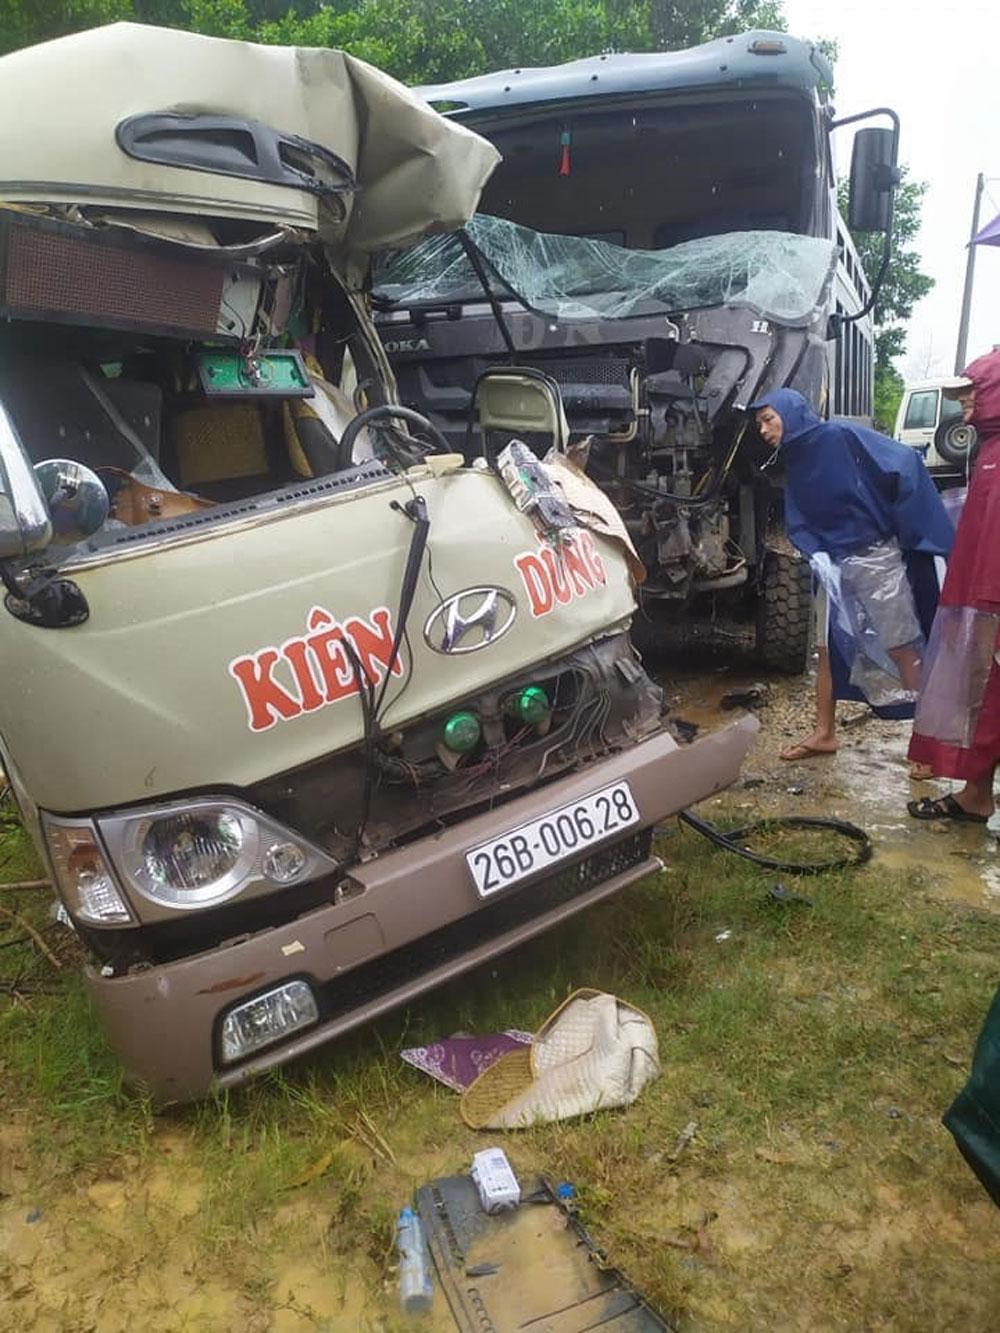 Xe khách, va chạm kinh hoàng, xe ben, nhập viện cấp cứu, xe khách Kiên Dũng mang BKS: 26B - 006.28